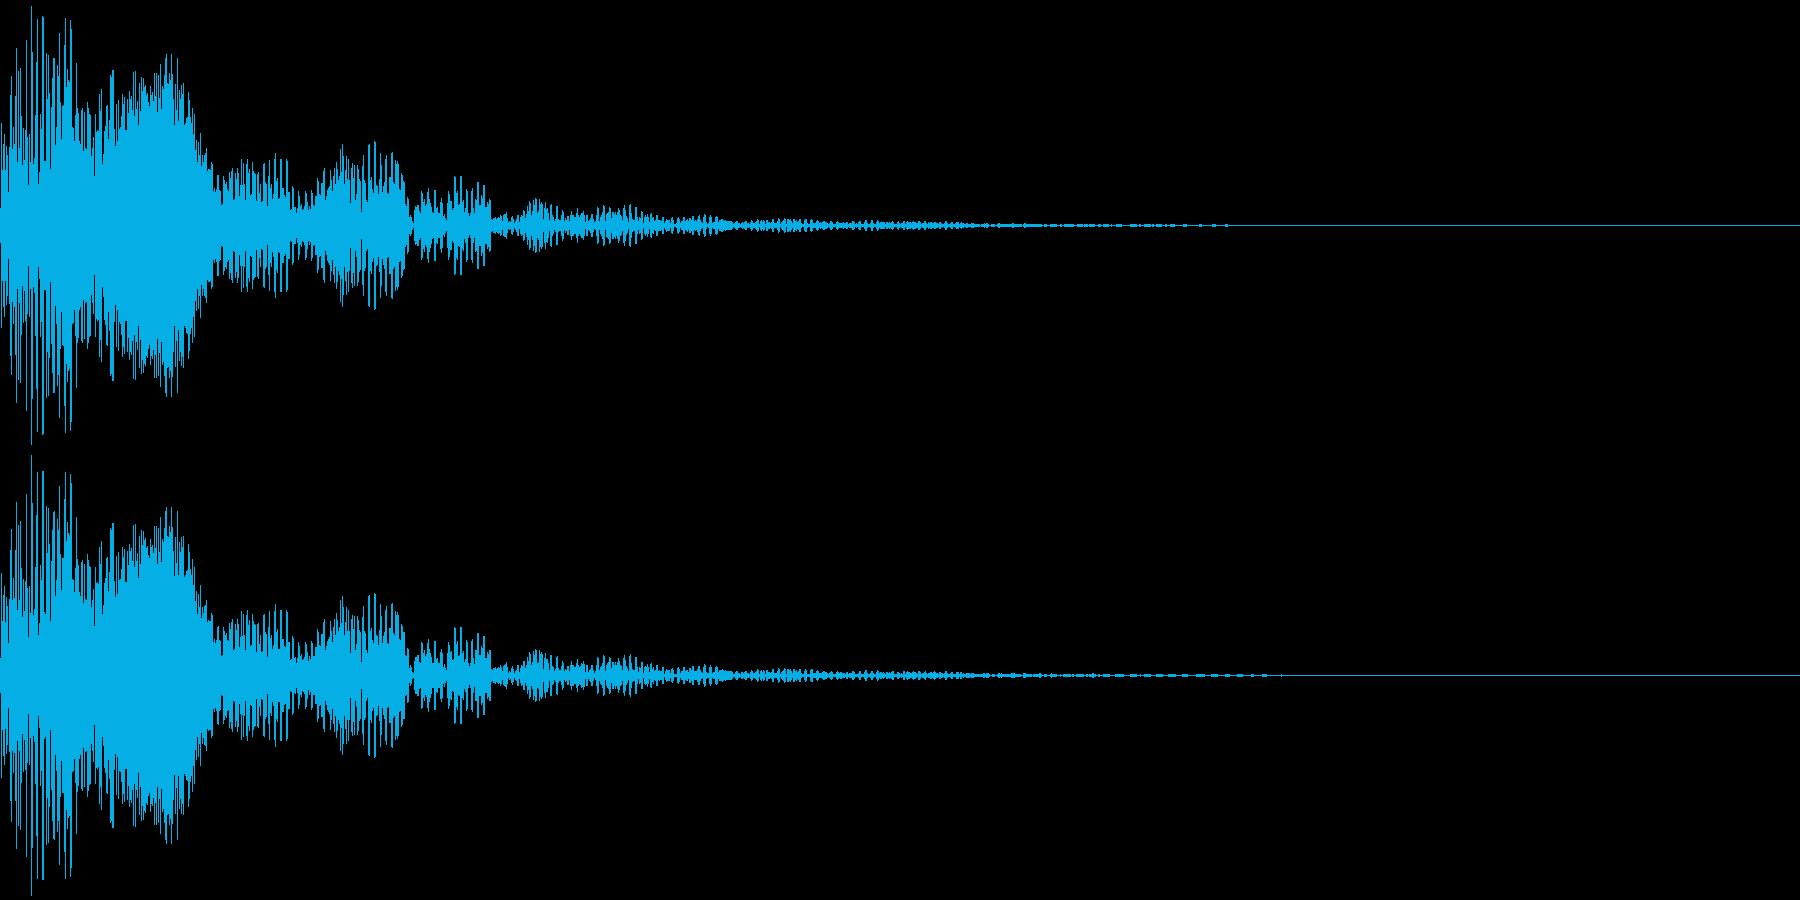 ポン_小鼓Bの再生済みの波形